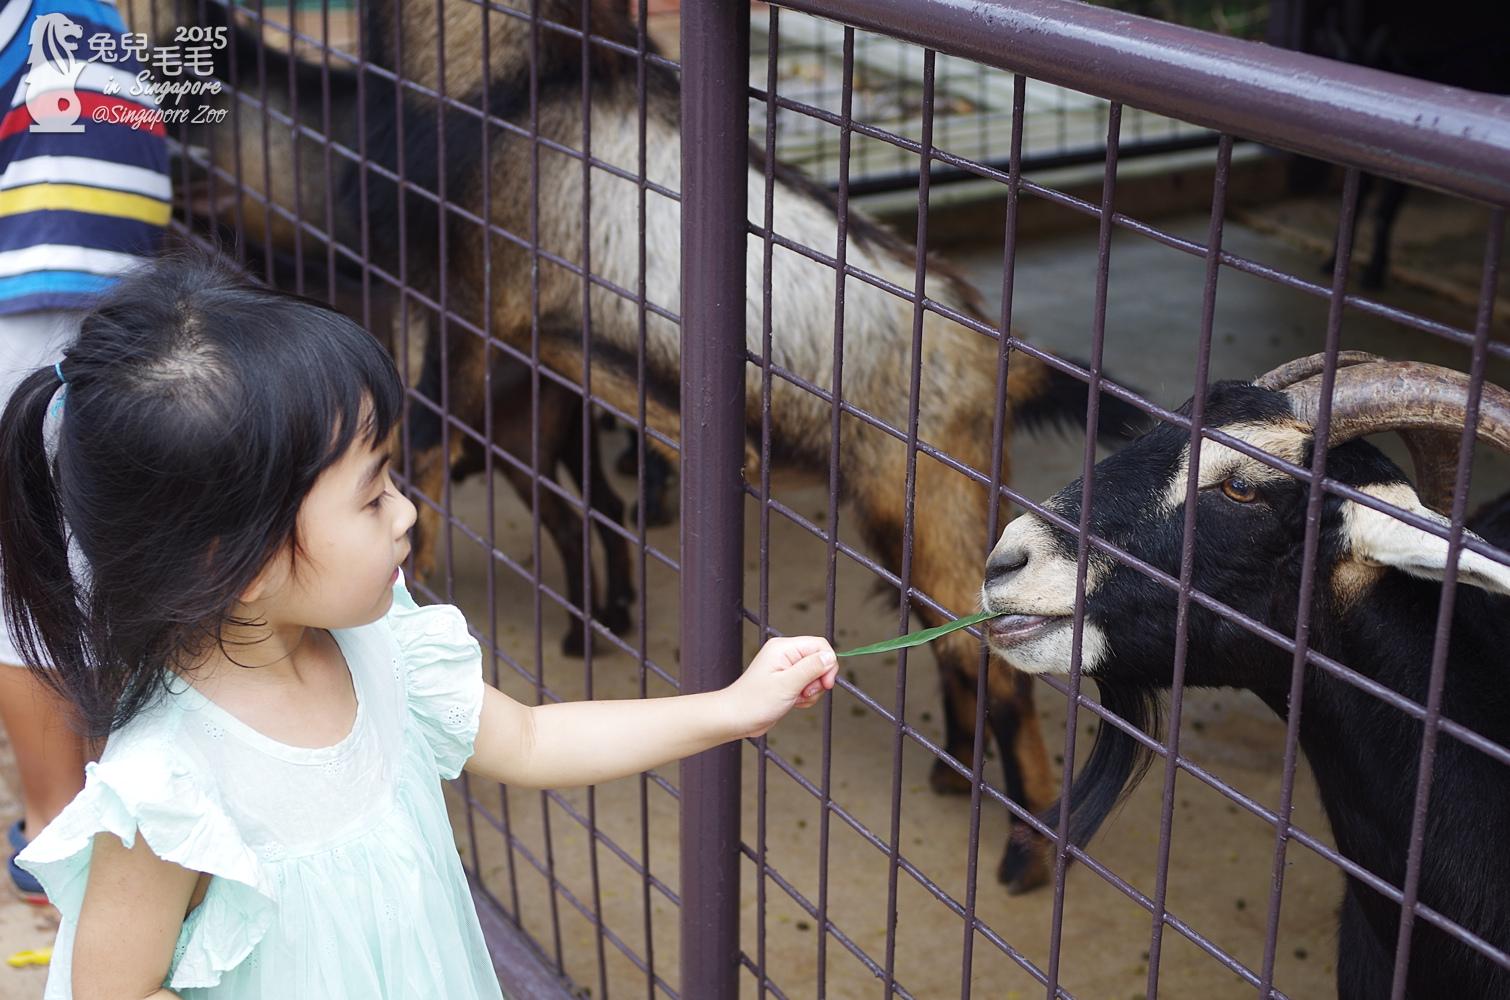 0218-Singapore Zoo-67.jpg